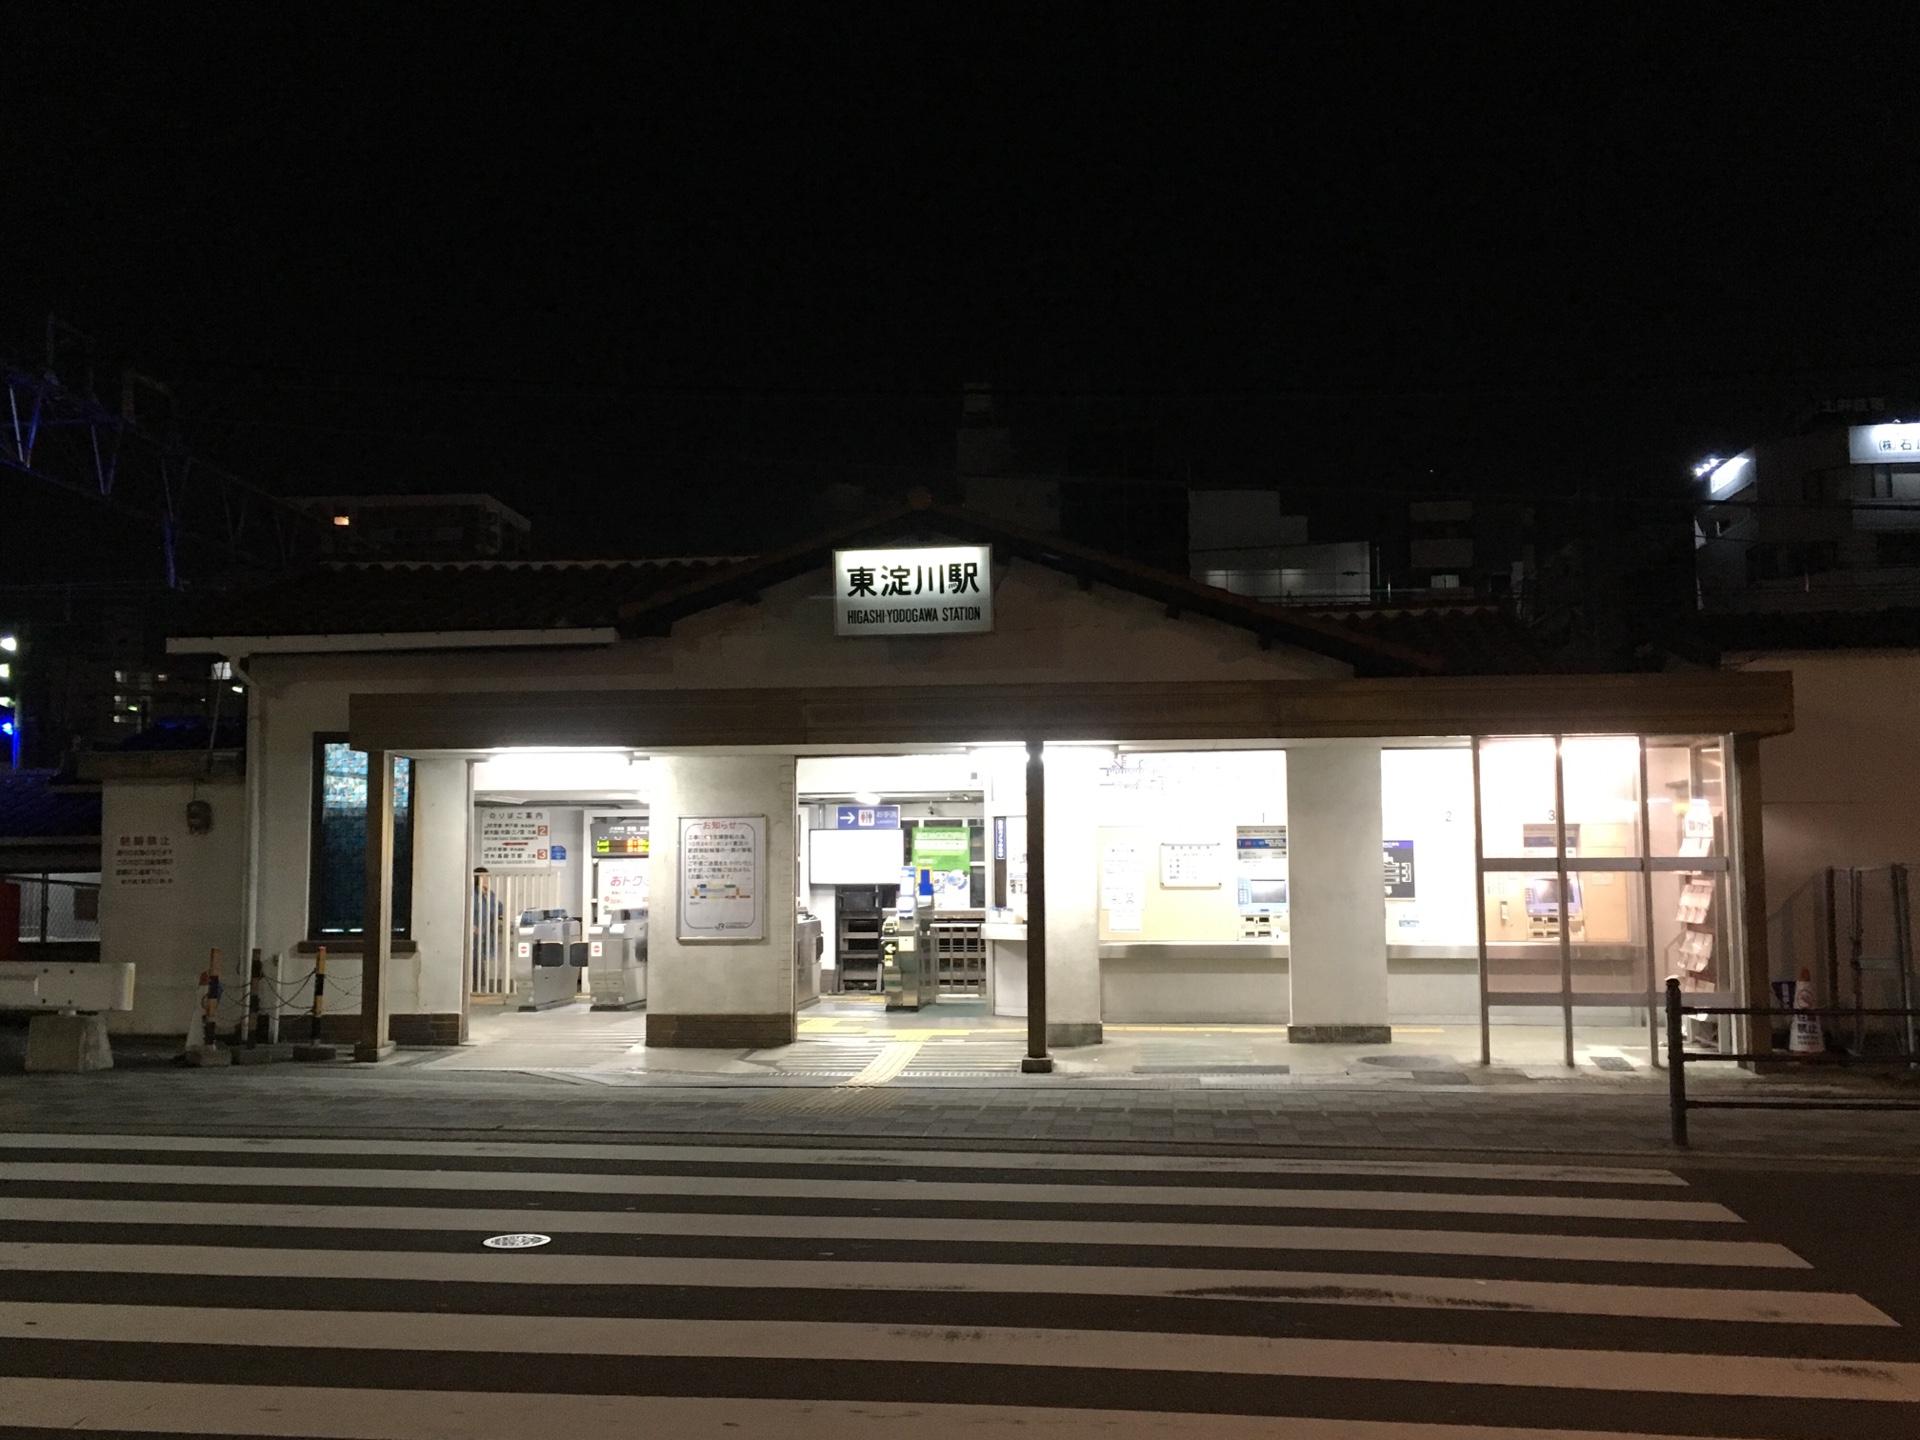 廃止迫る開かずの踏切と古い東淀川駅舎